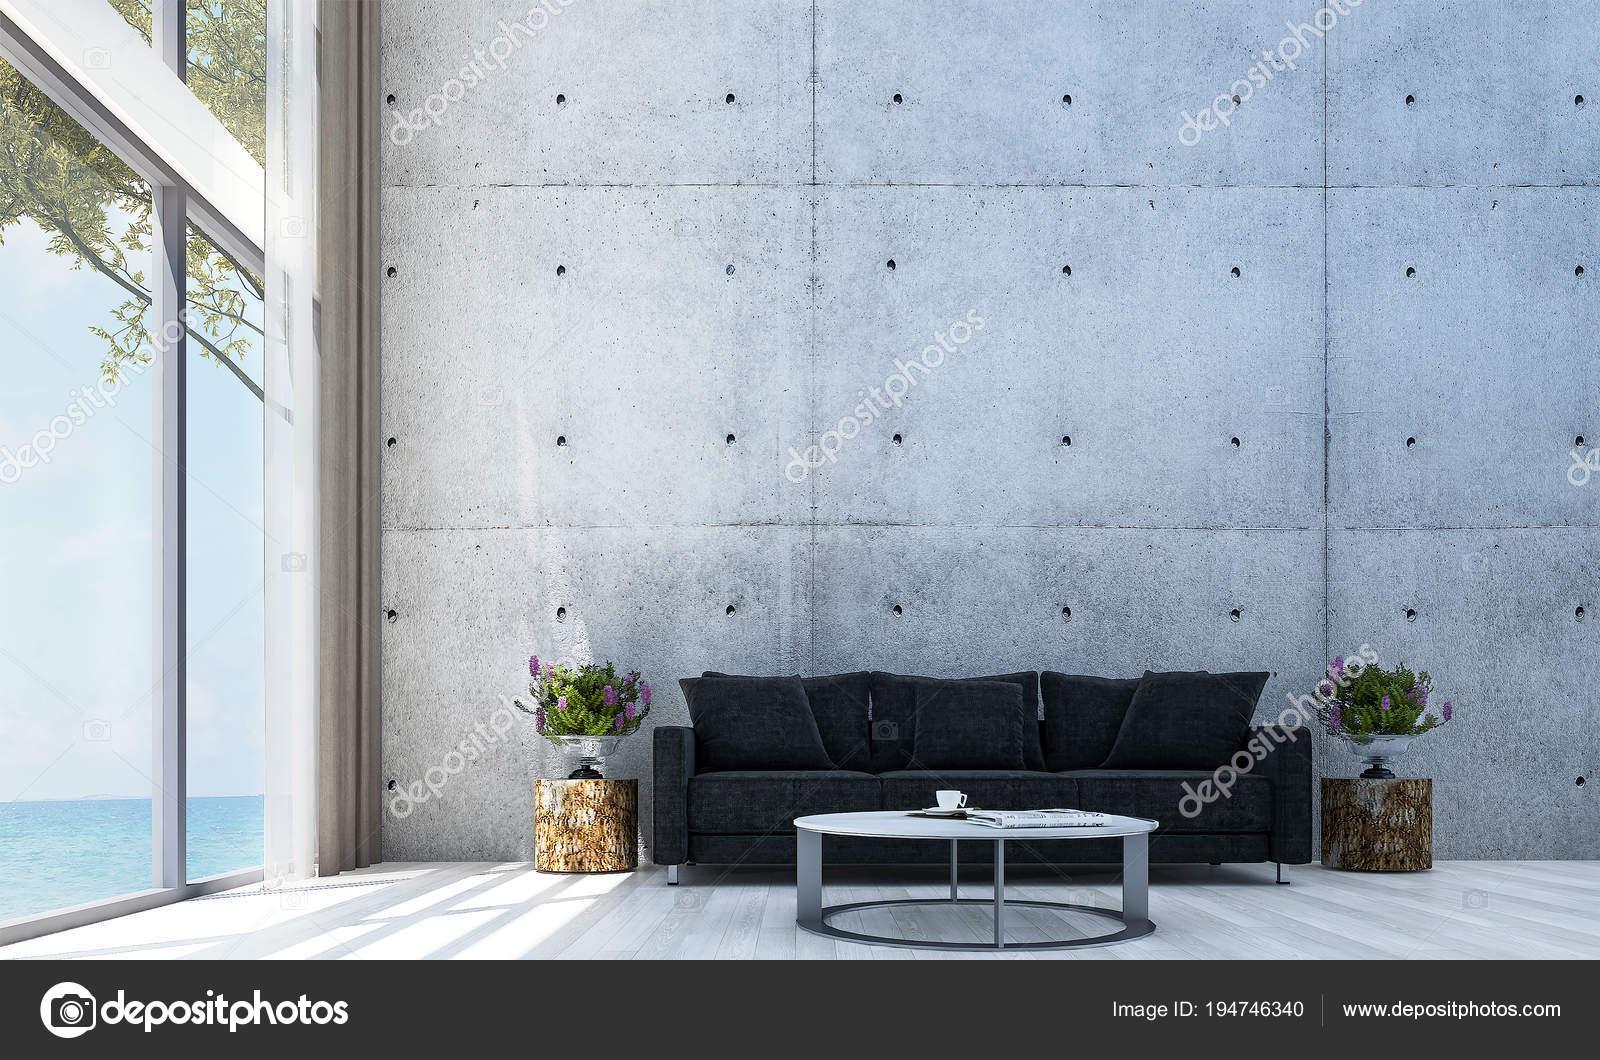 https://st3.depositphotos.com/11732771/19474/i/1600/depositphotos_194746340-stockafbeelding-het-interieur-van-woonkamer-beton.jpg